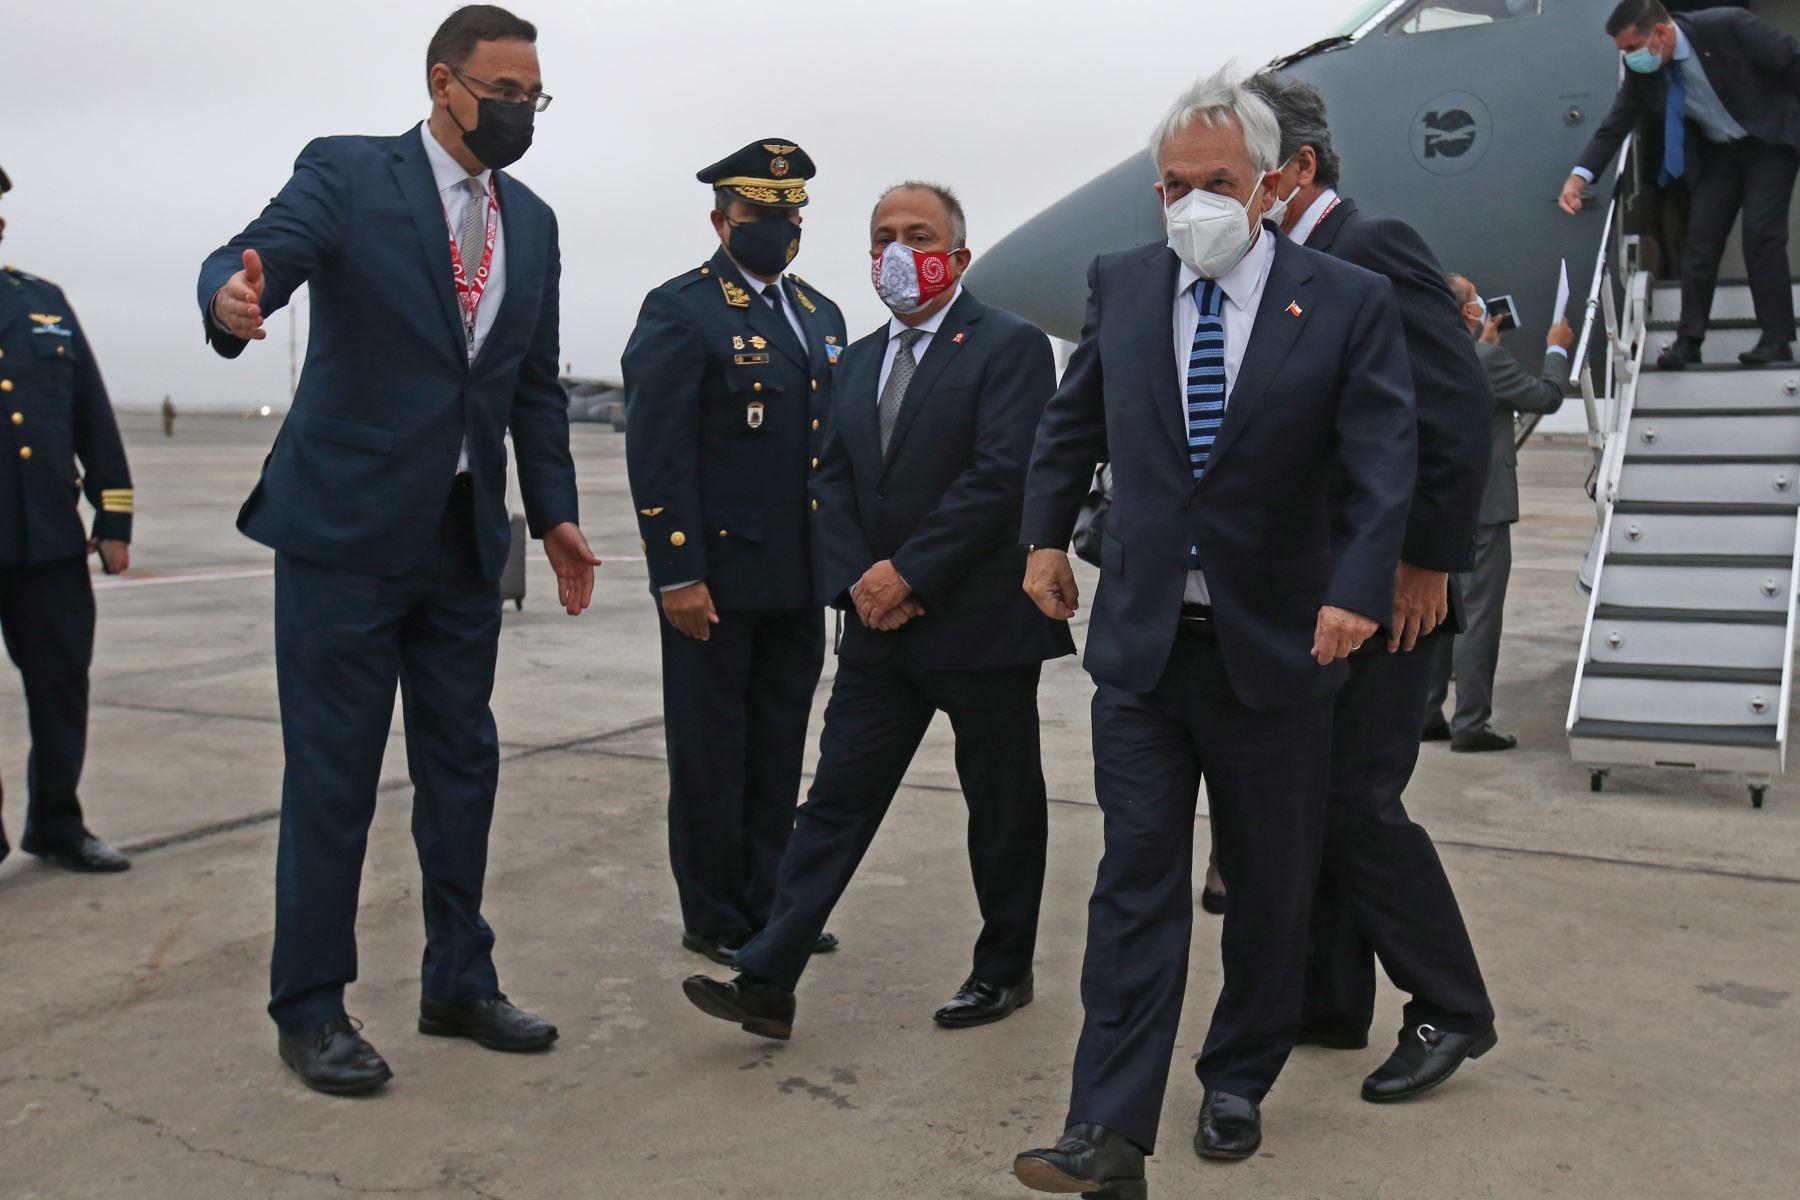 El presidente de Chile, Sebastián Piñera, arriba al Grupo Aéreo Nº 8 para estar presente en la toma de posesión del presidente electo, Pedro Castillo.  Foto: ANDINA/Vidal Tarqui